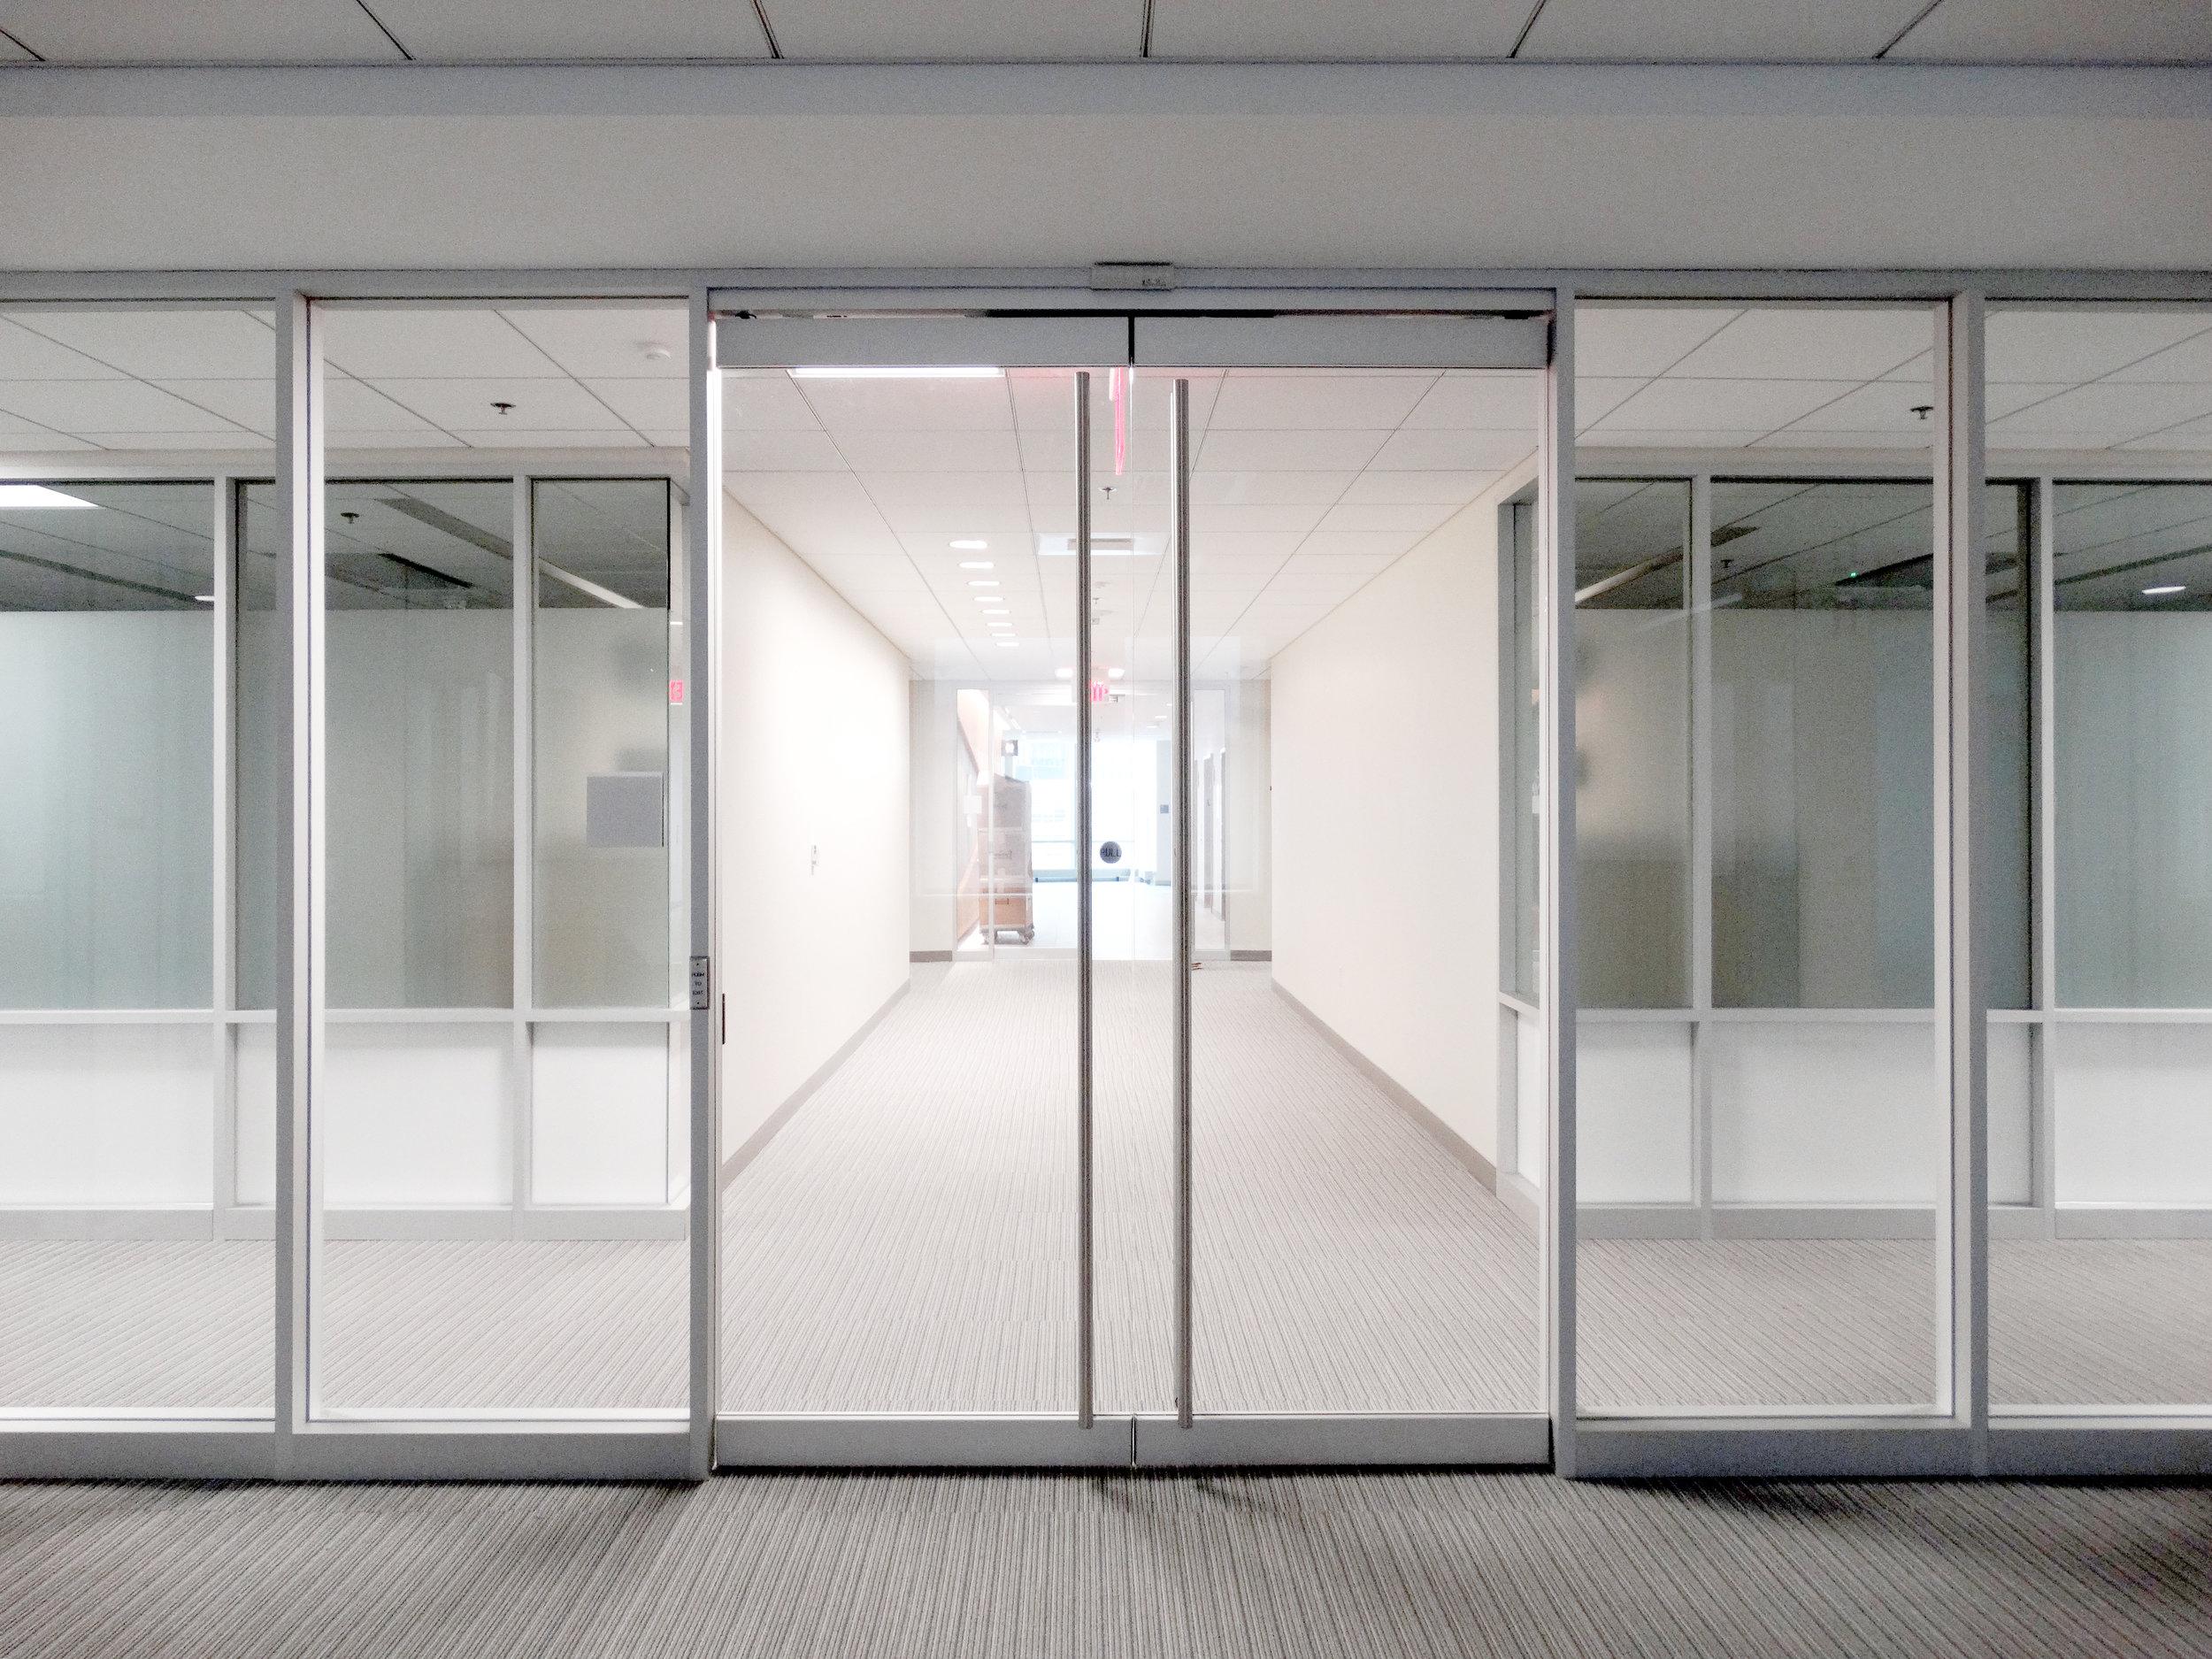 Encase Aluminum Framed Wall Frameless Rail Doors - Spaceworks AI.jpg